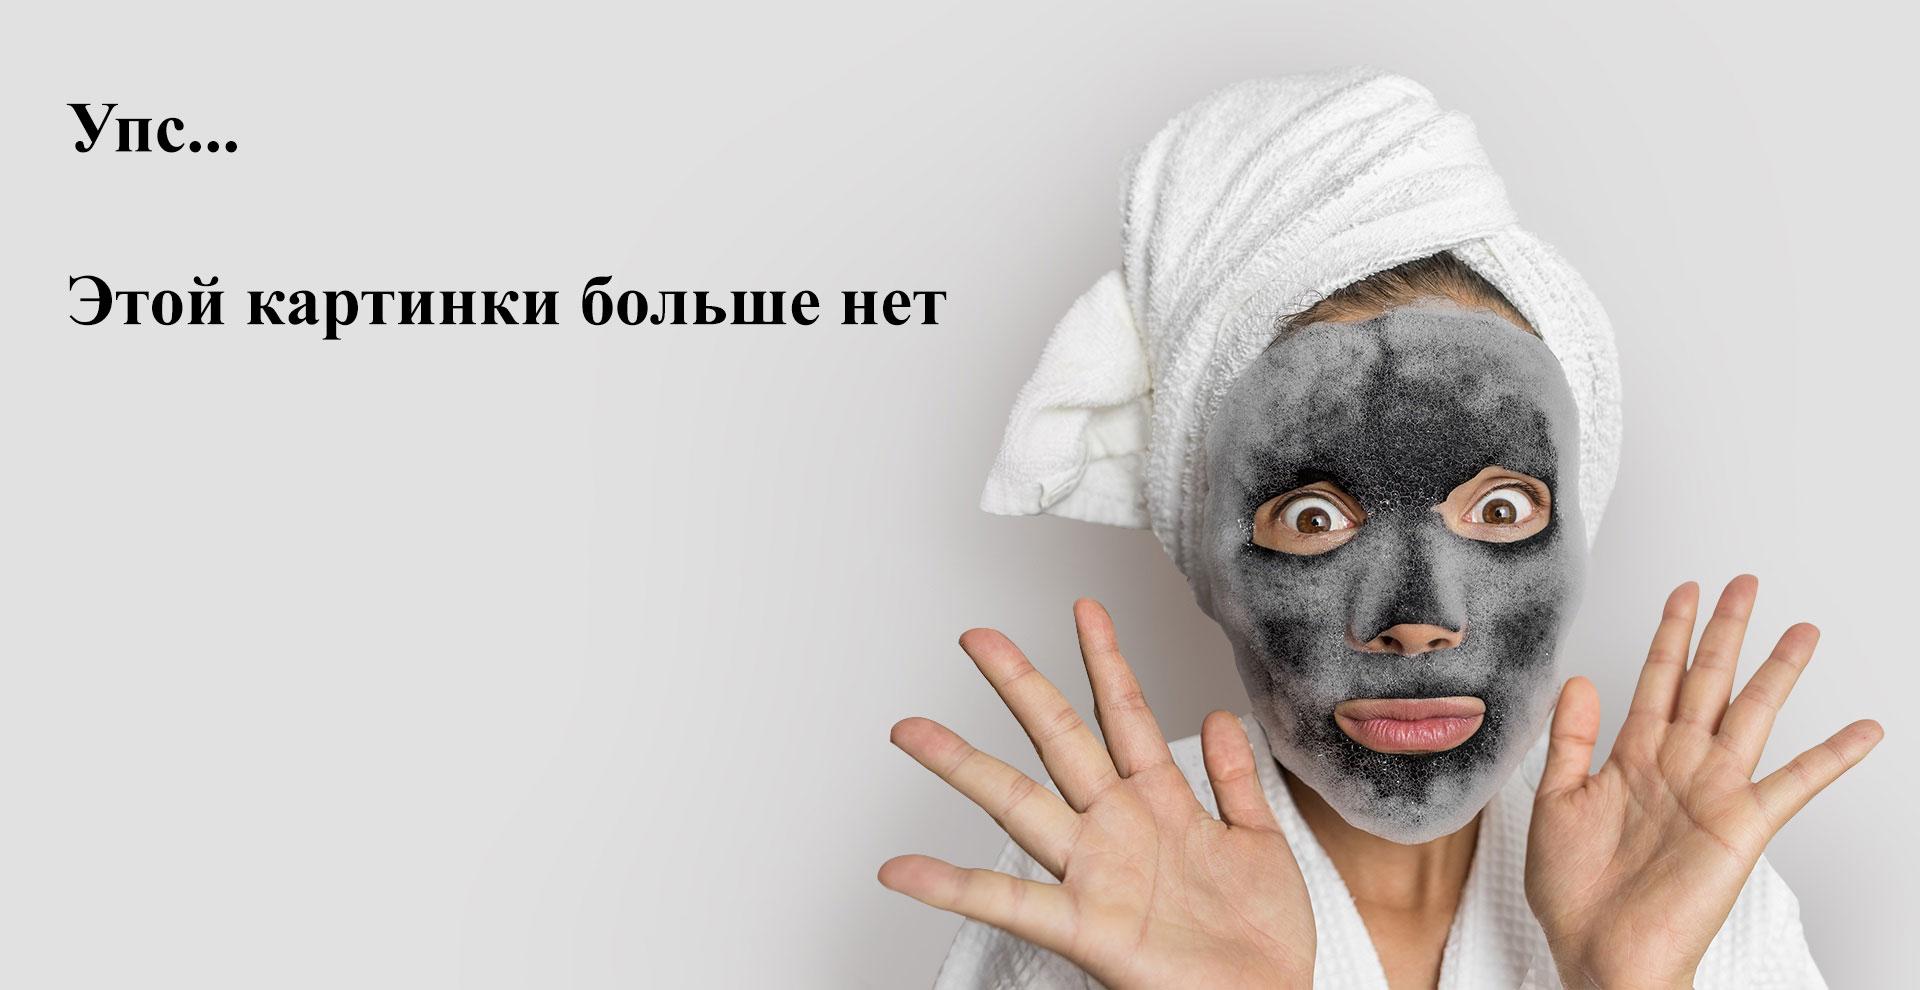 SHIK, Кремовые румяна Perfect Liquid, тон 01